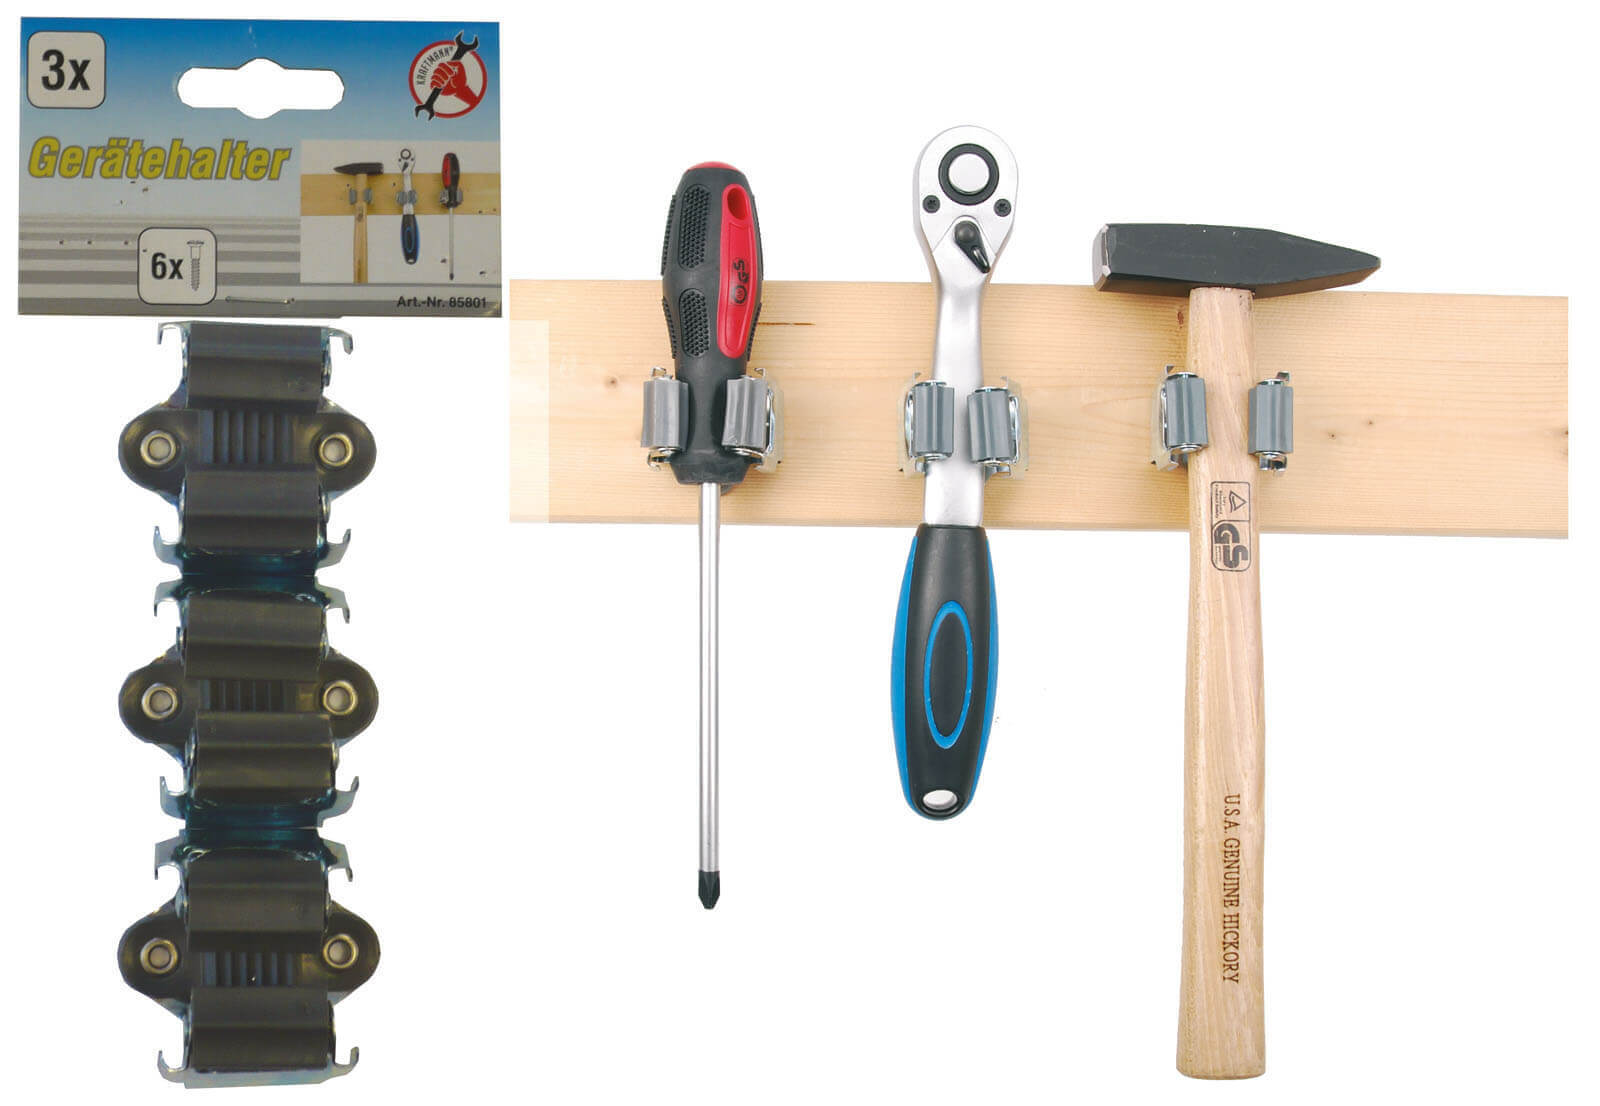 besenhalter gerätehalter wandhalter werkzeug halter gartengeräte